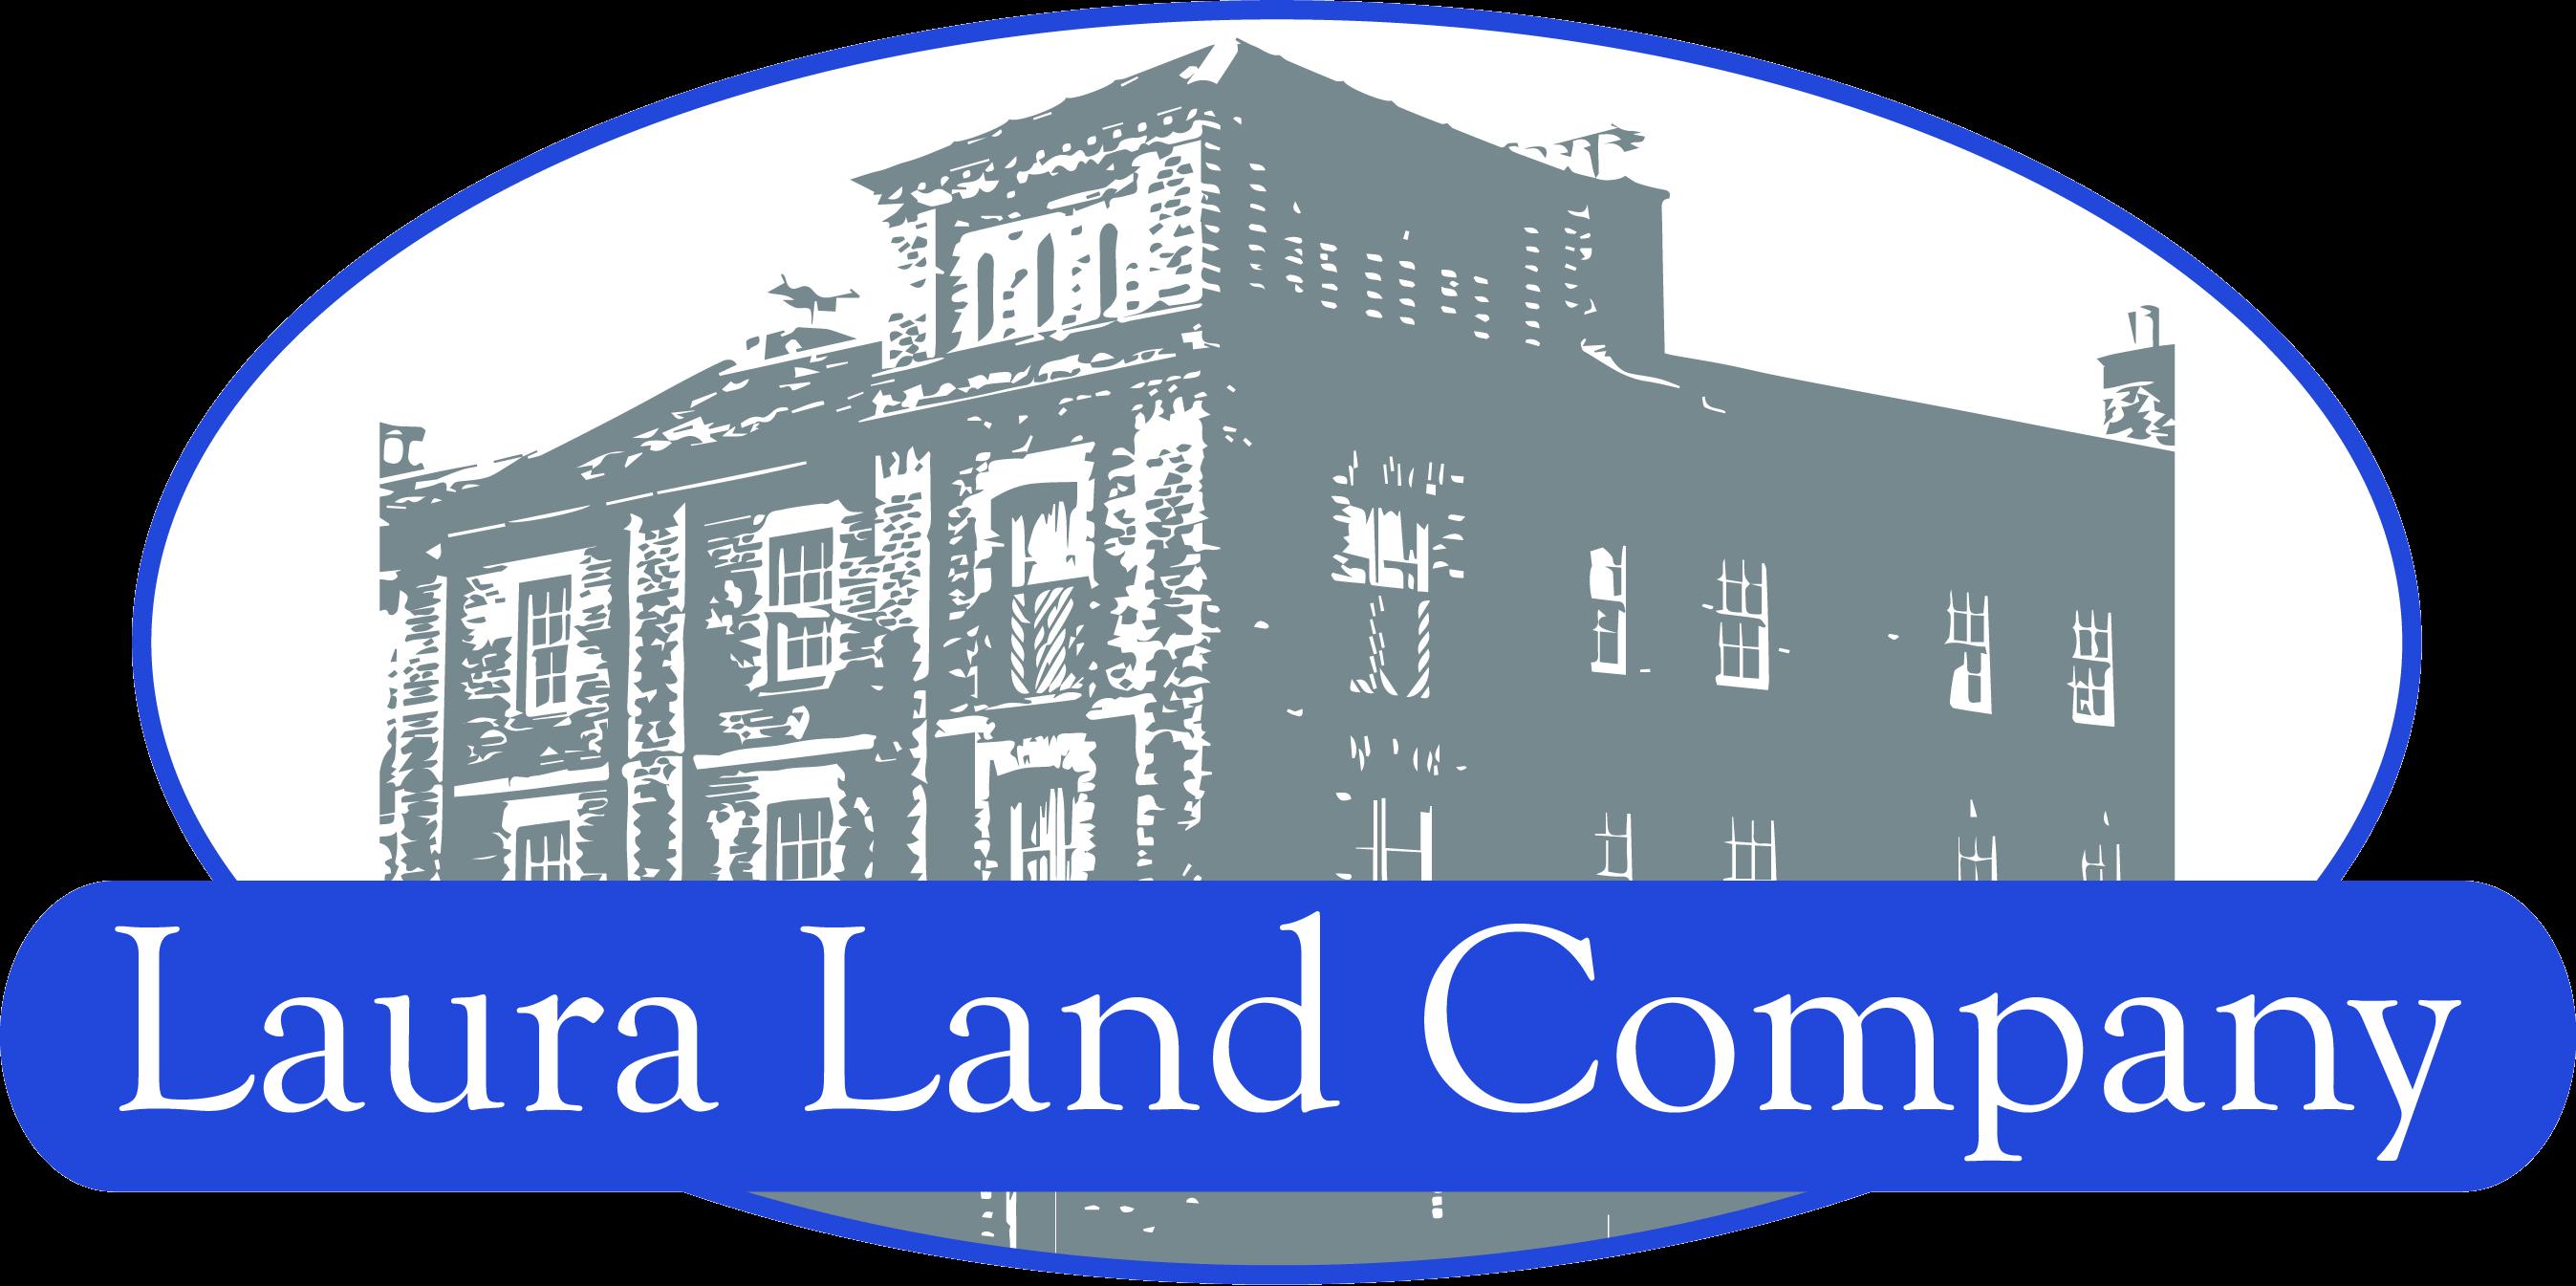 Laura Land Company